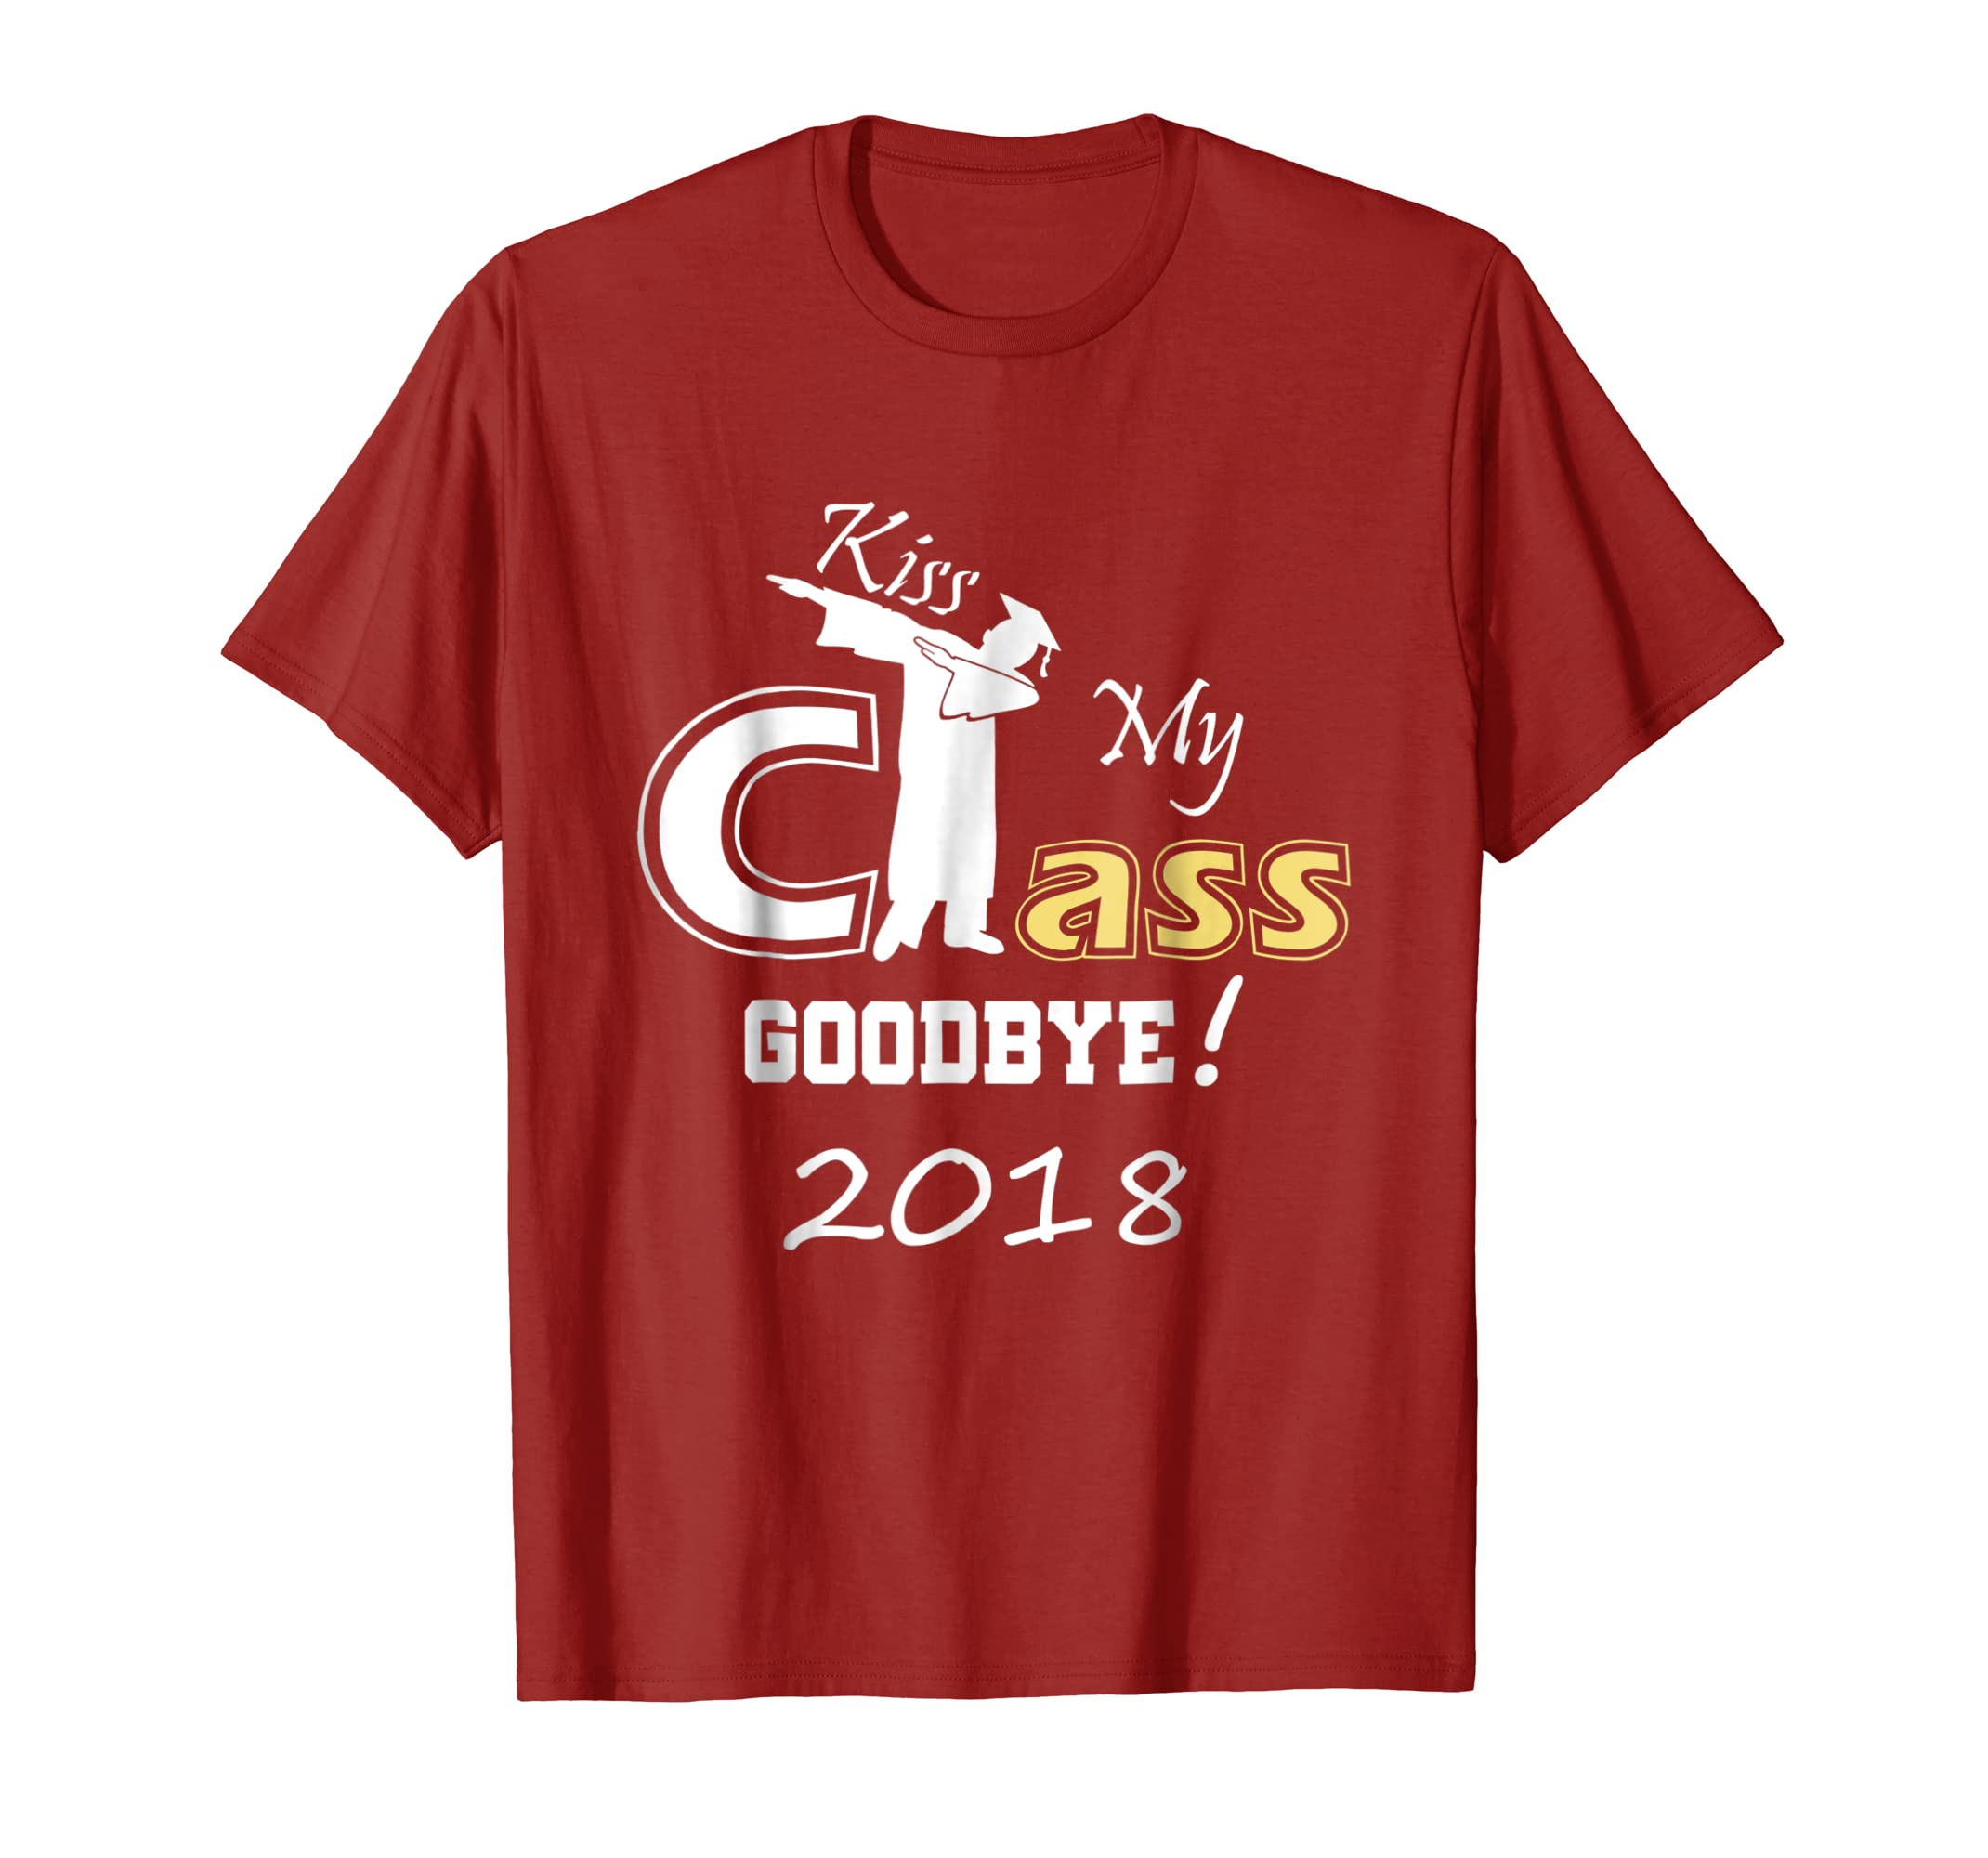 2018 KISS MY CLASS GOODBYE funny school graduation t-shirts-Awarplus